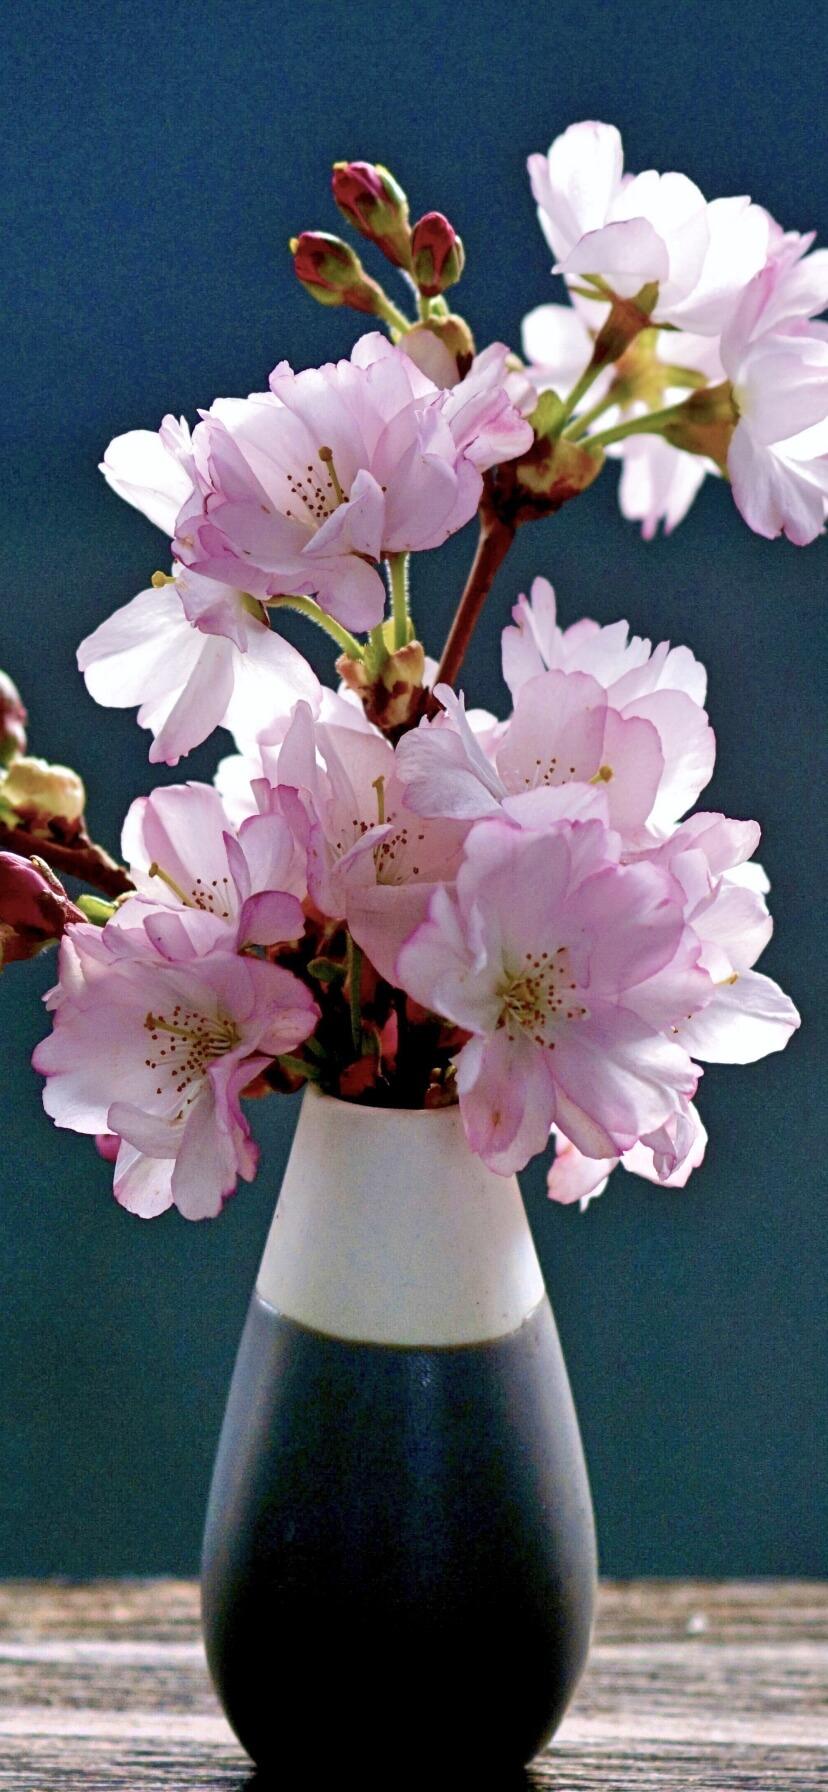 部屋に飾った桜B